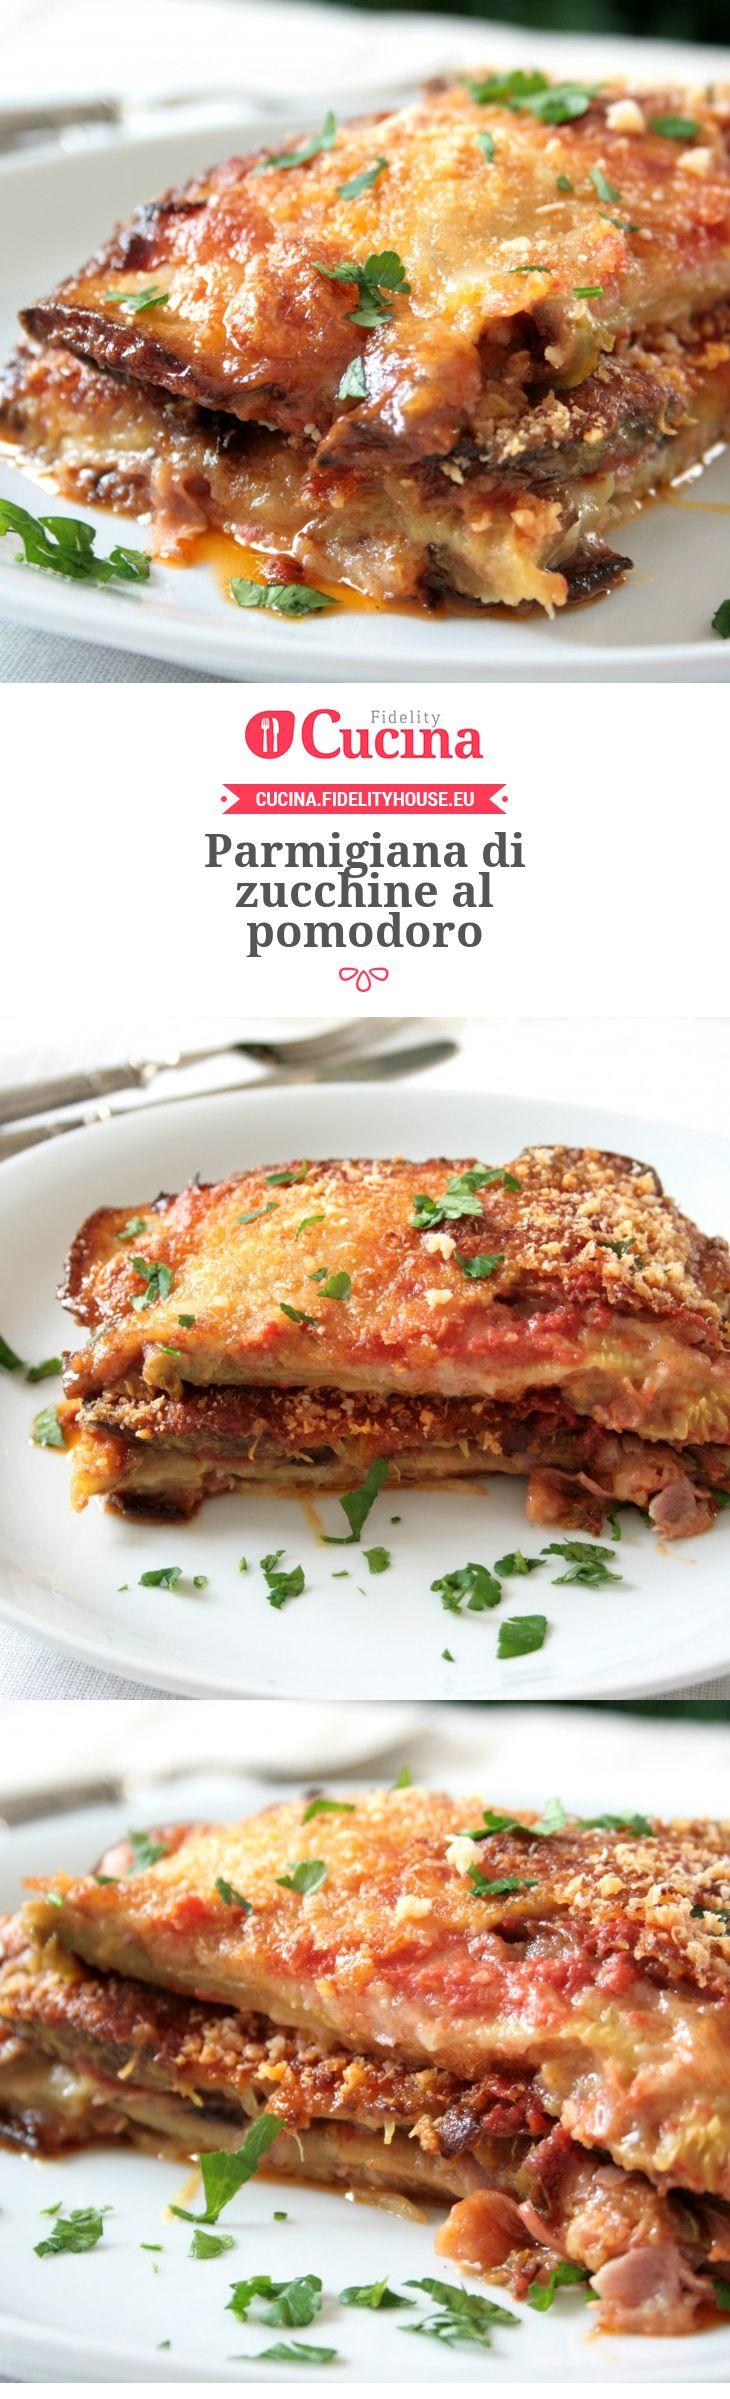 Parmigiana di zucchine al pomodoro della nostra utente Sanny. Unisciti alla nostra Community ed invia le tue ricette!